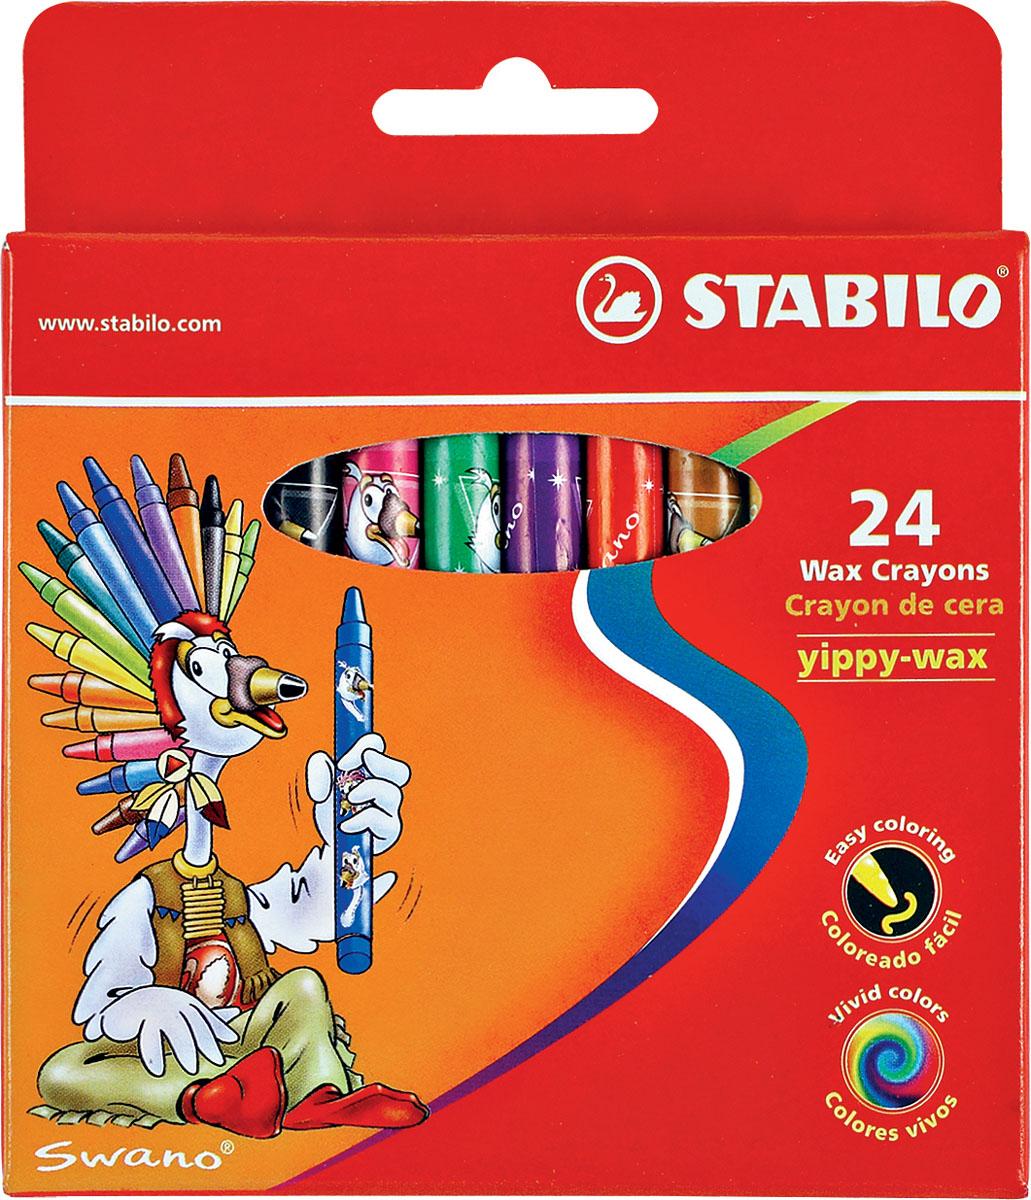 Восковые мелки Stabilo Yippy-wax, 24 цветаPP-220Цветные восковые мелки отличаются необыкновенной яркостью и стойкостью цвета. Легко смешиваются и позволяют создавать огромное количество оттенков. Очень прочные, не крошатся, не ломаются, не образуют пыли, не нуждаются в затачивании. Каждый мелок в индивидуальной бумажной упаковке. Характеристики:Материал:воск. Диаметр мелка:1 см. Длина мелка:9,3 см. Размер упаковки:10,5 см х 12 см х 1,5 см. Изготовитель:Малайзия.